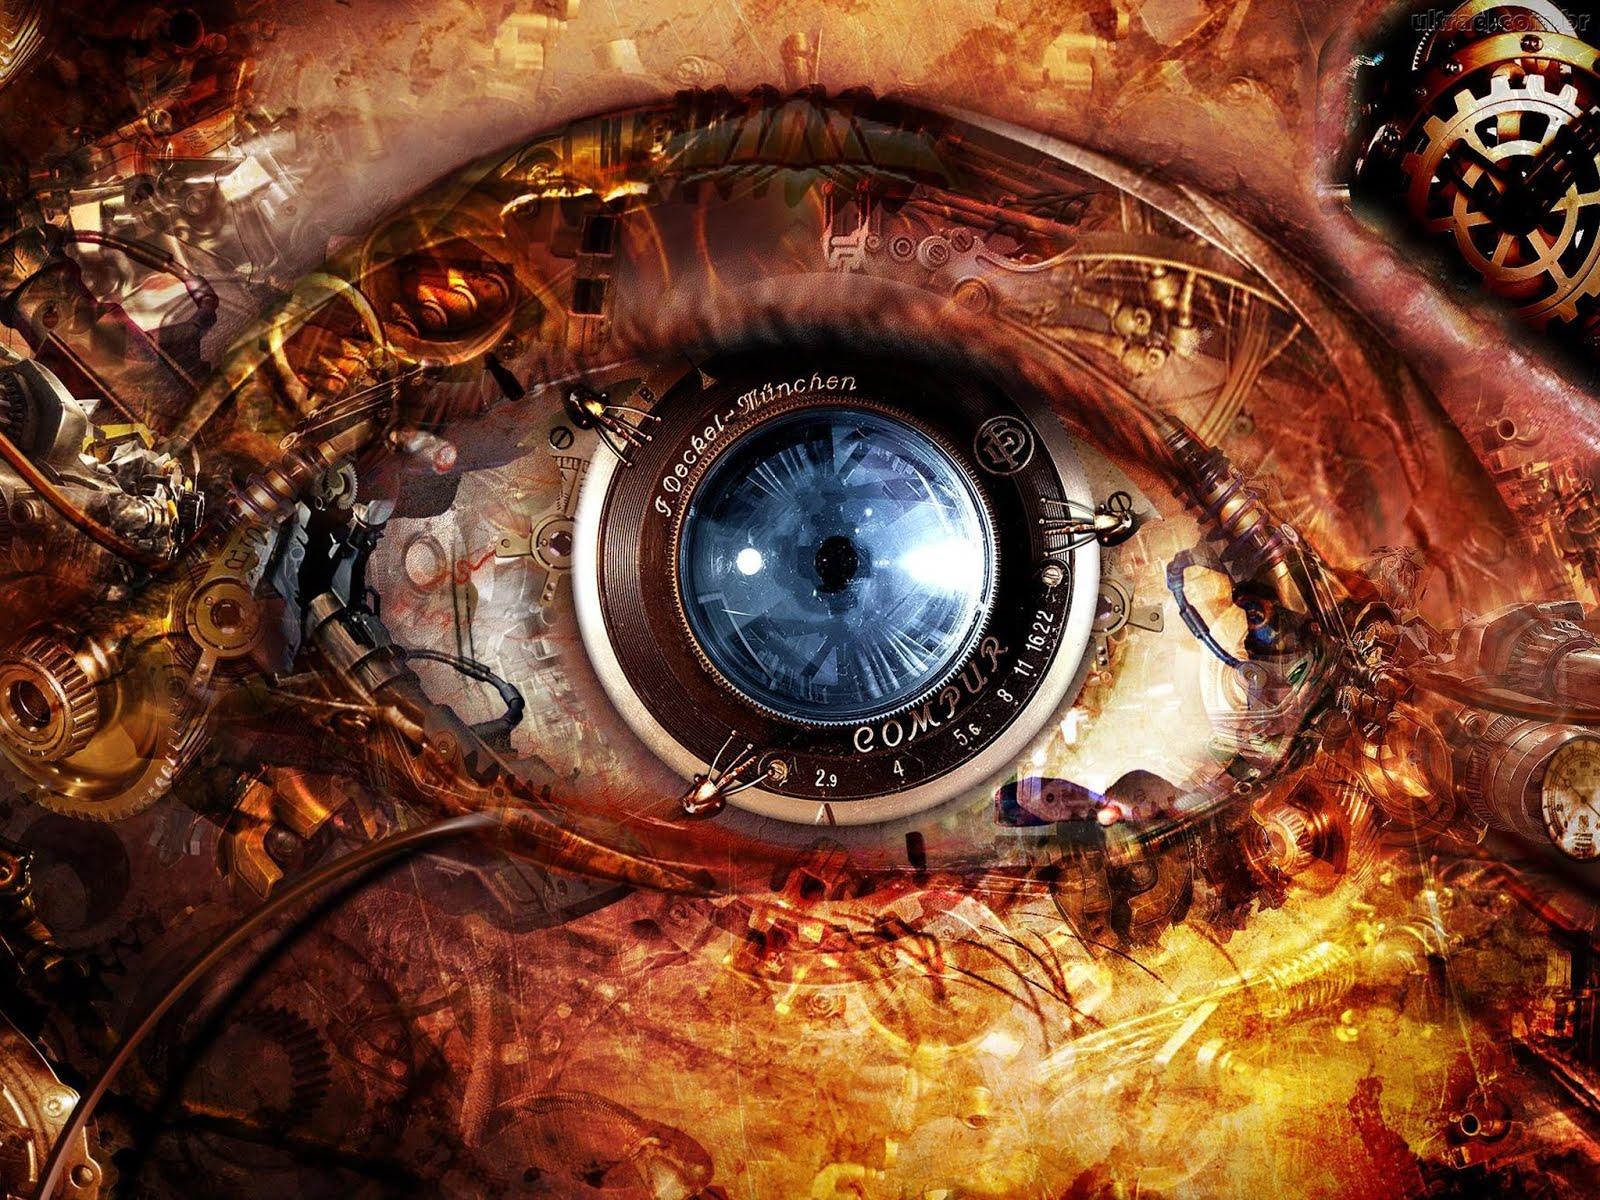 De Olho nos Humanos.